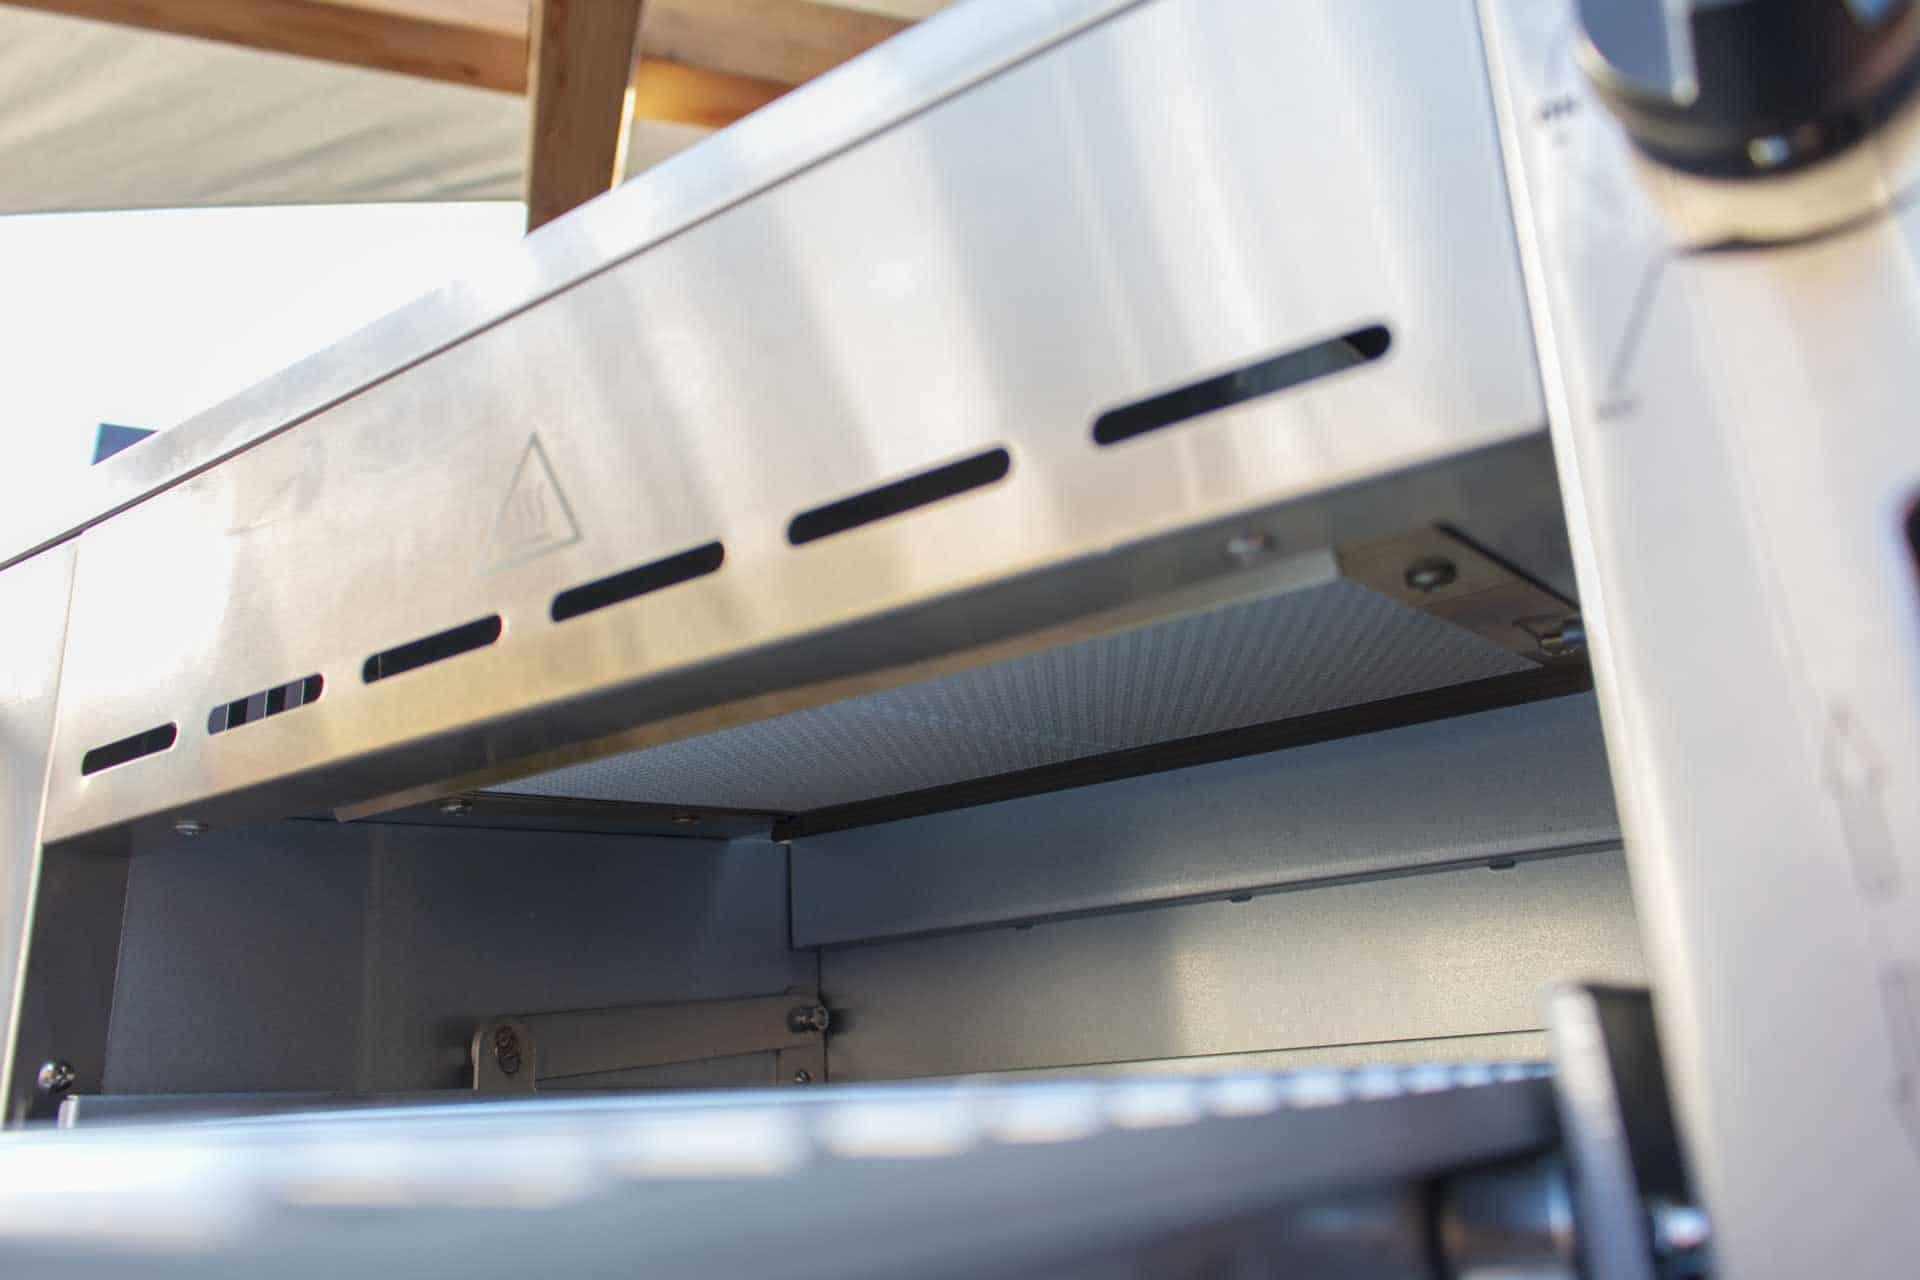 Aldi Nord Gasgrill Kaufen : Beef maker von aldi im test oberhitzegrill für steak und pizza